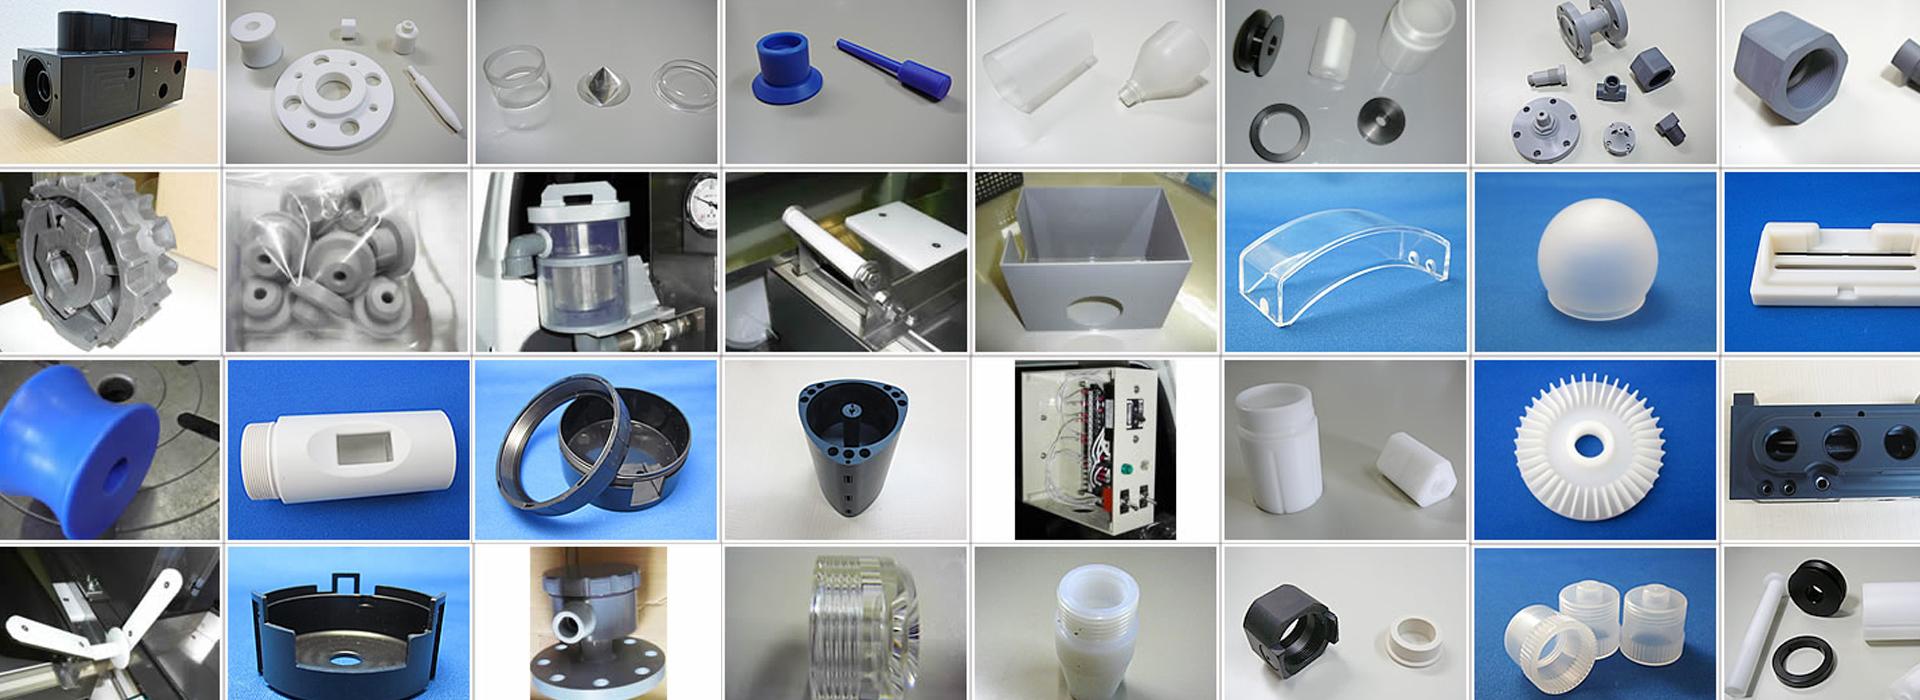 樹脂・プラスチック関係の試作品・多品種小ロット・短納期ならお任せください